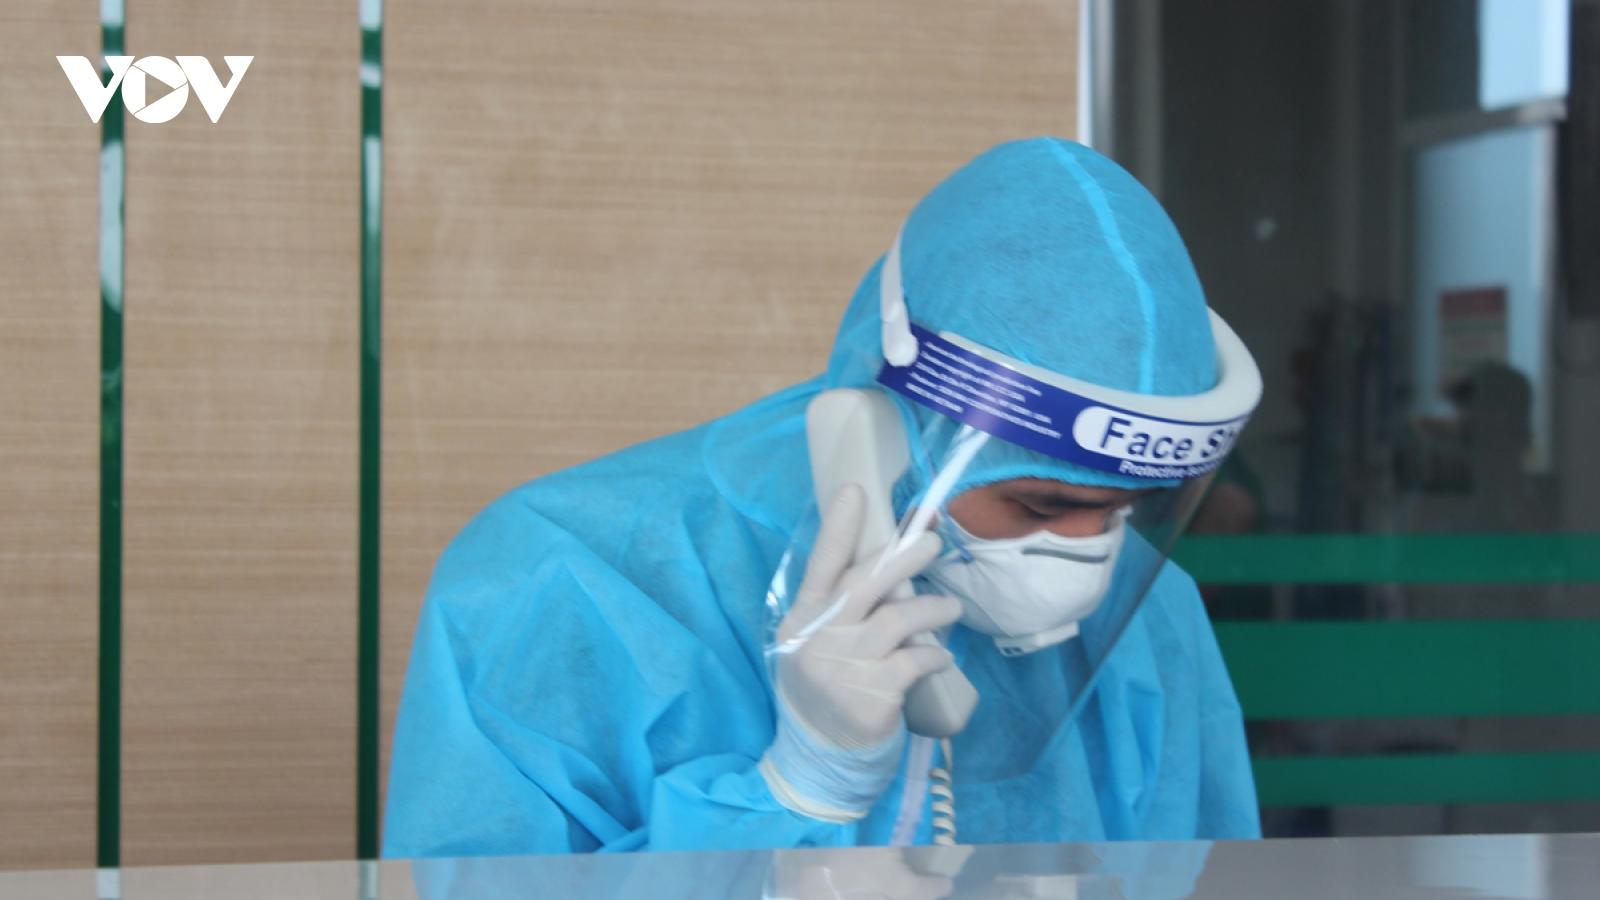 Lịch trình di chuyển dày đặc của công chứng viên mắc Covid-19 ở Hà Nội